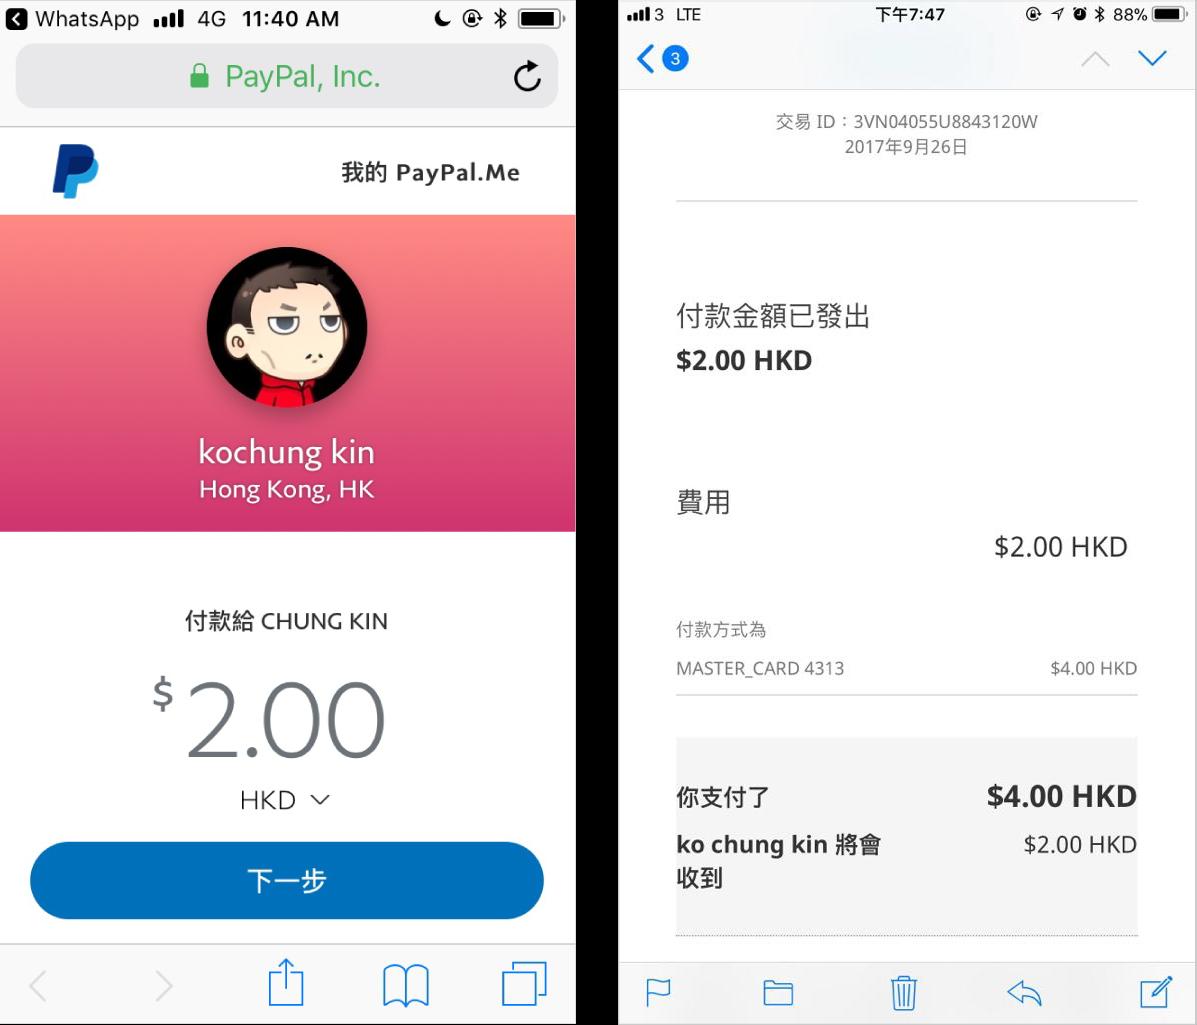 使用PayPal支付HKD2,成本同樣為HKD2,支付成本50%